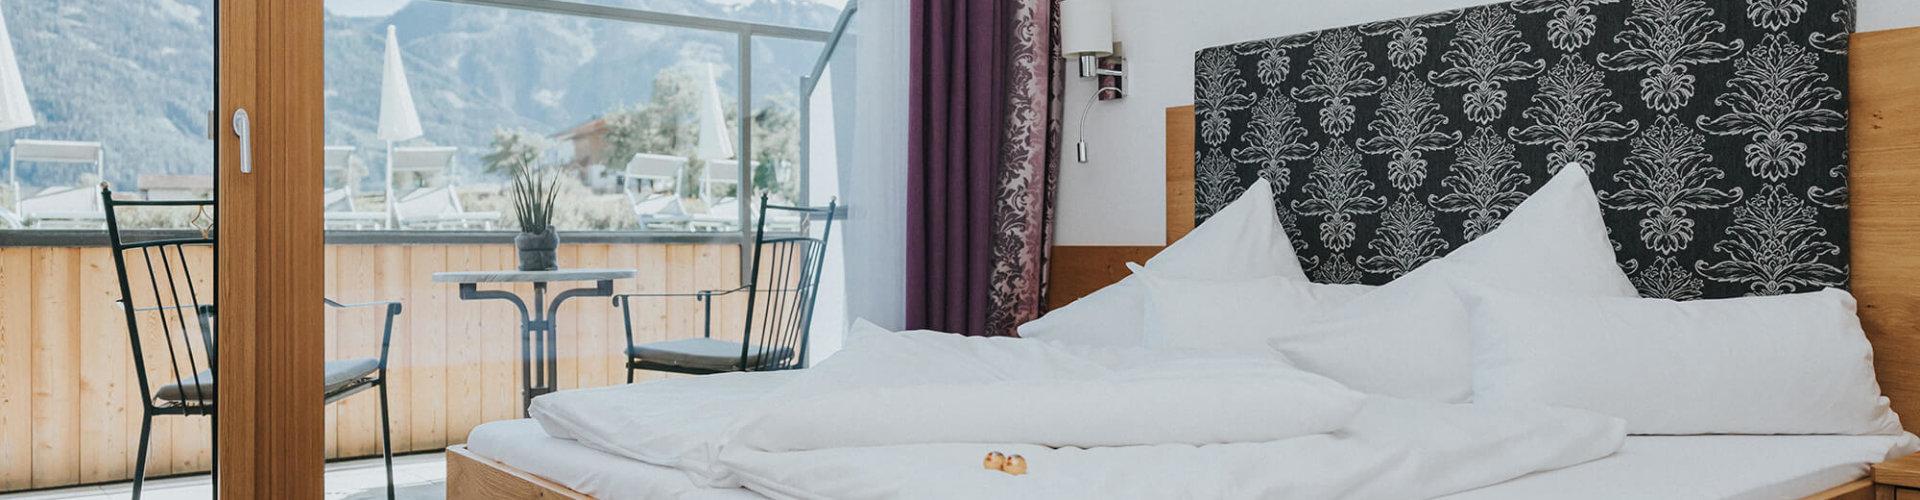 Panorama Gartenzimmer Bett